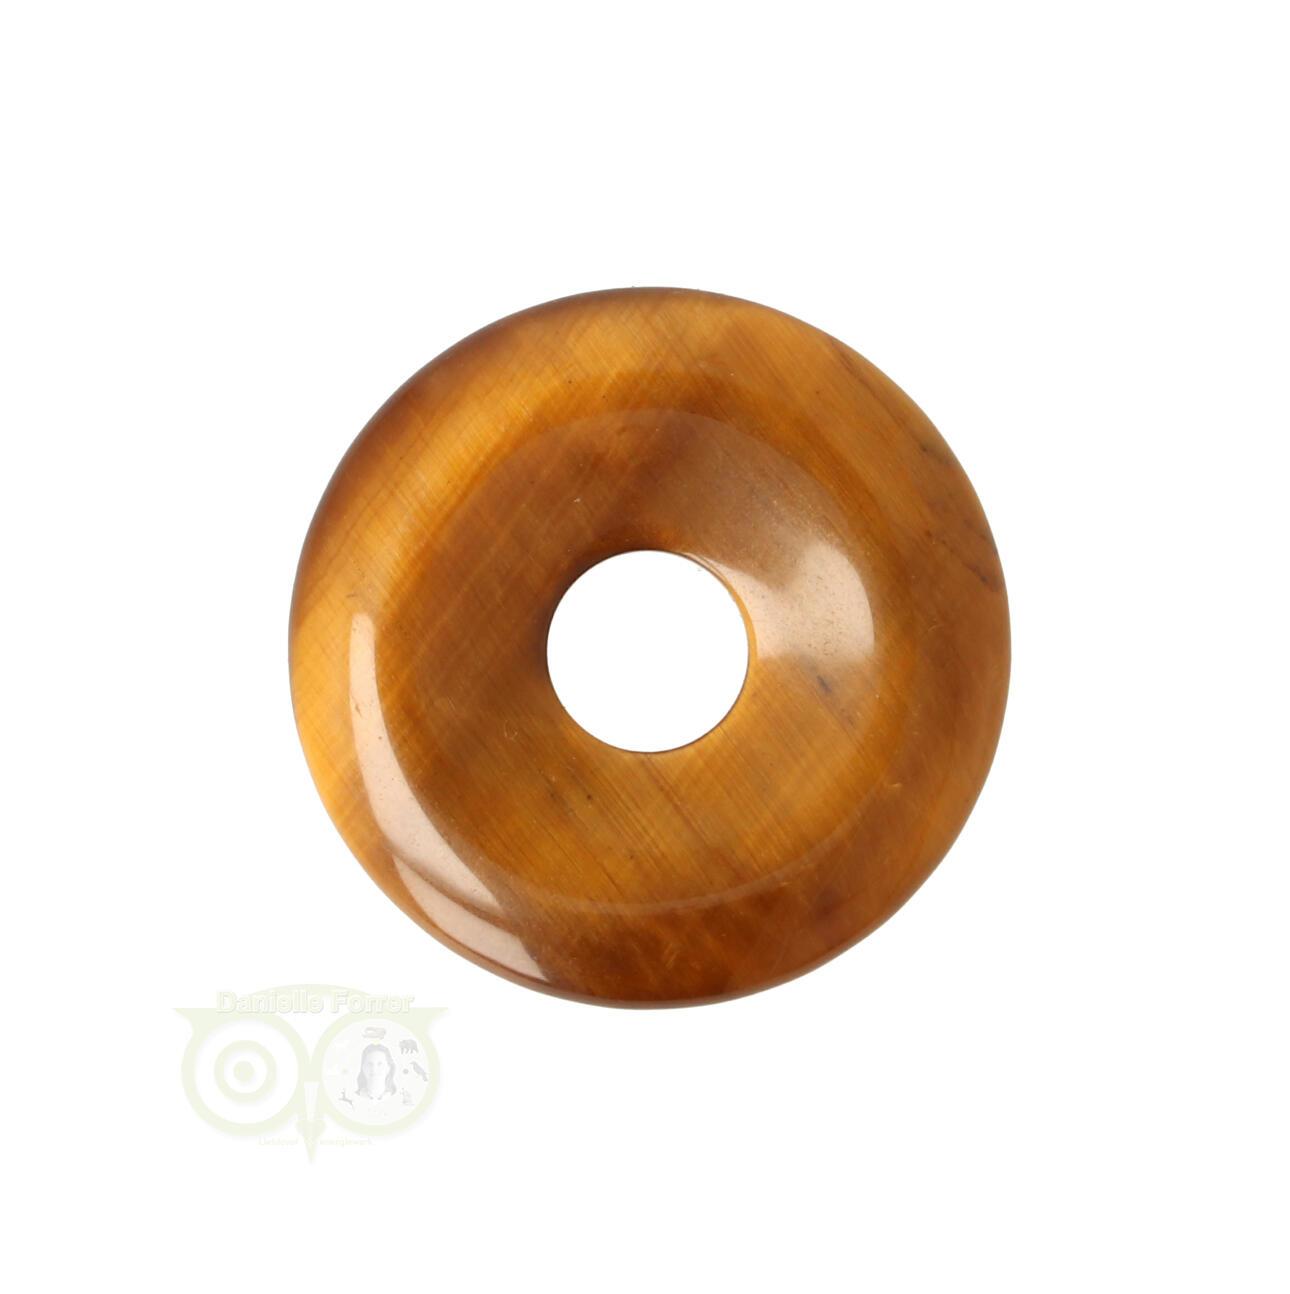 Tijgeroog Donut edelstenen hangers |Edelstenen Webwinkel - Webshop Danielle Forrer